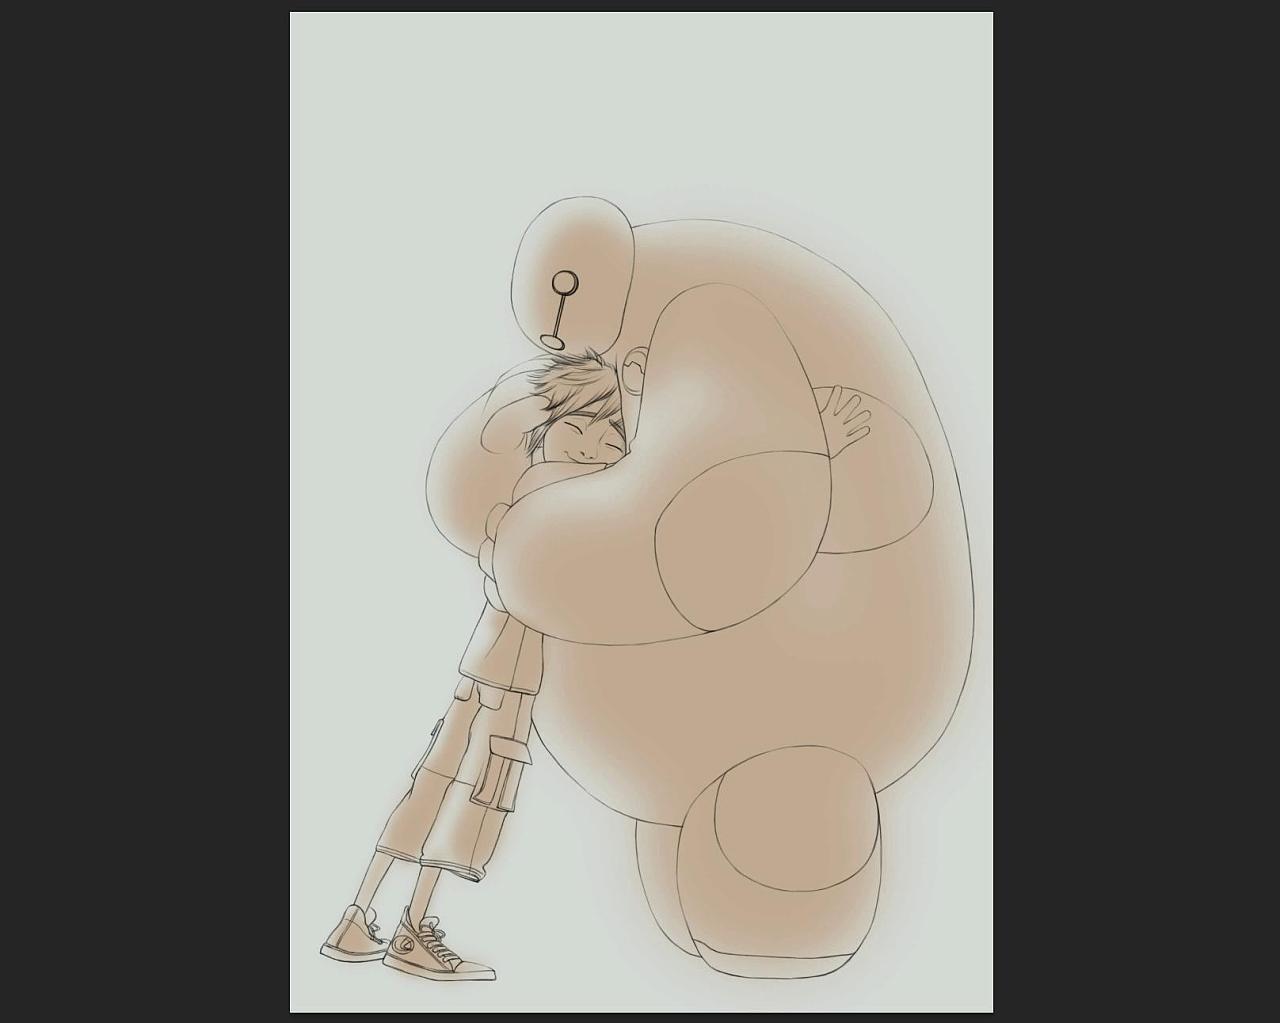 教你ps手绘:迪士尼·超能陆战队|插画|插画习作|涂鸦